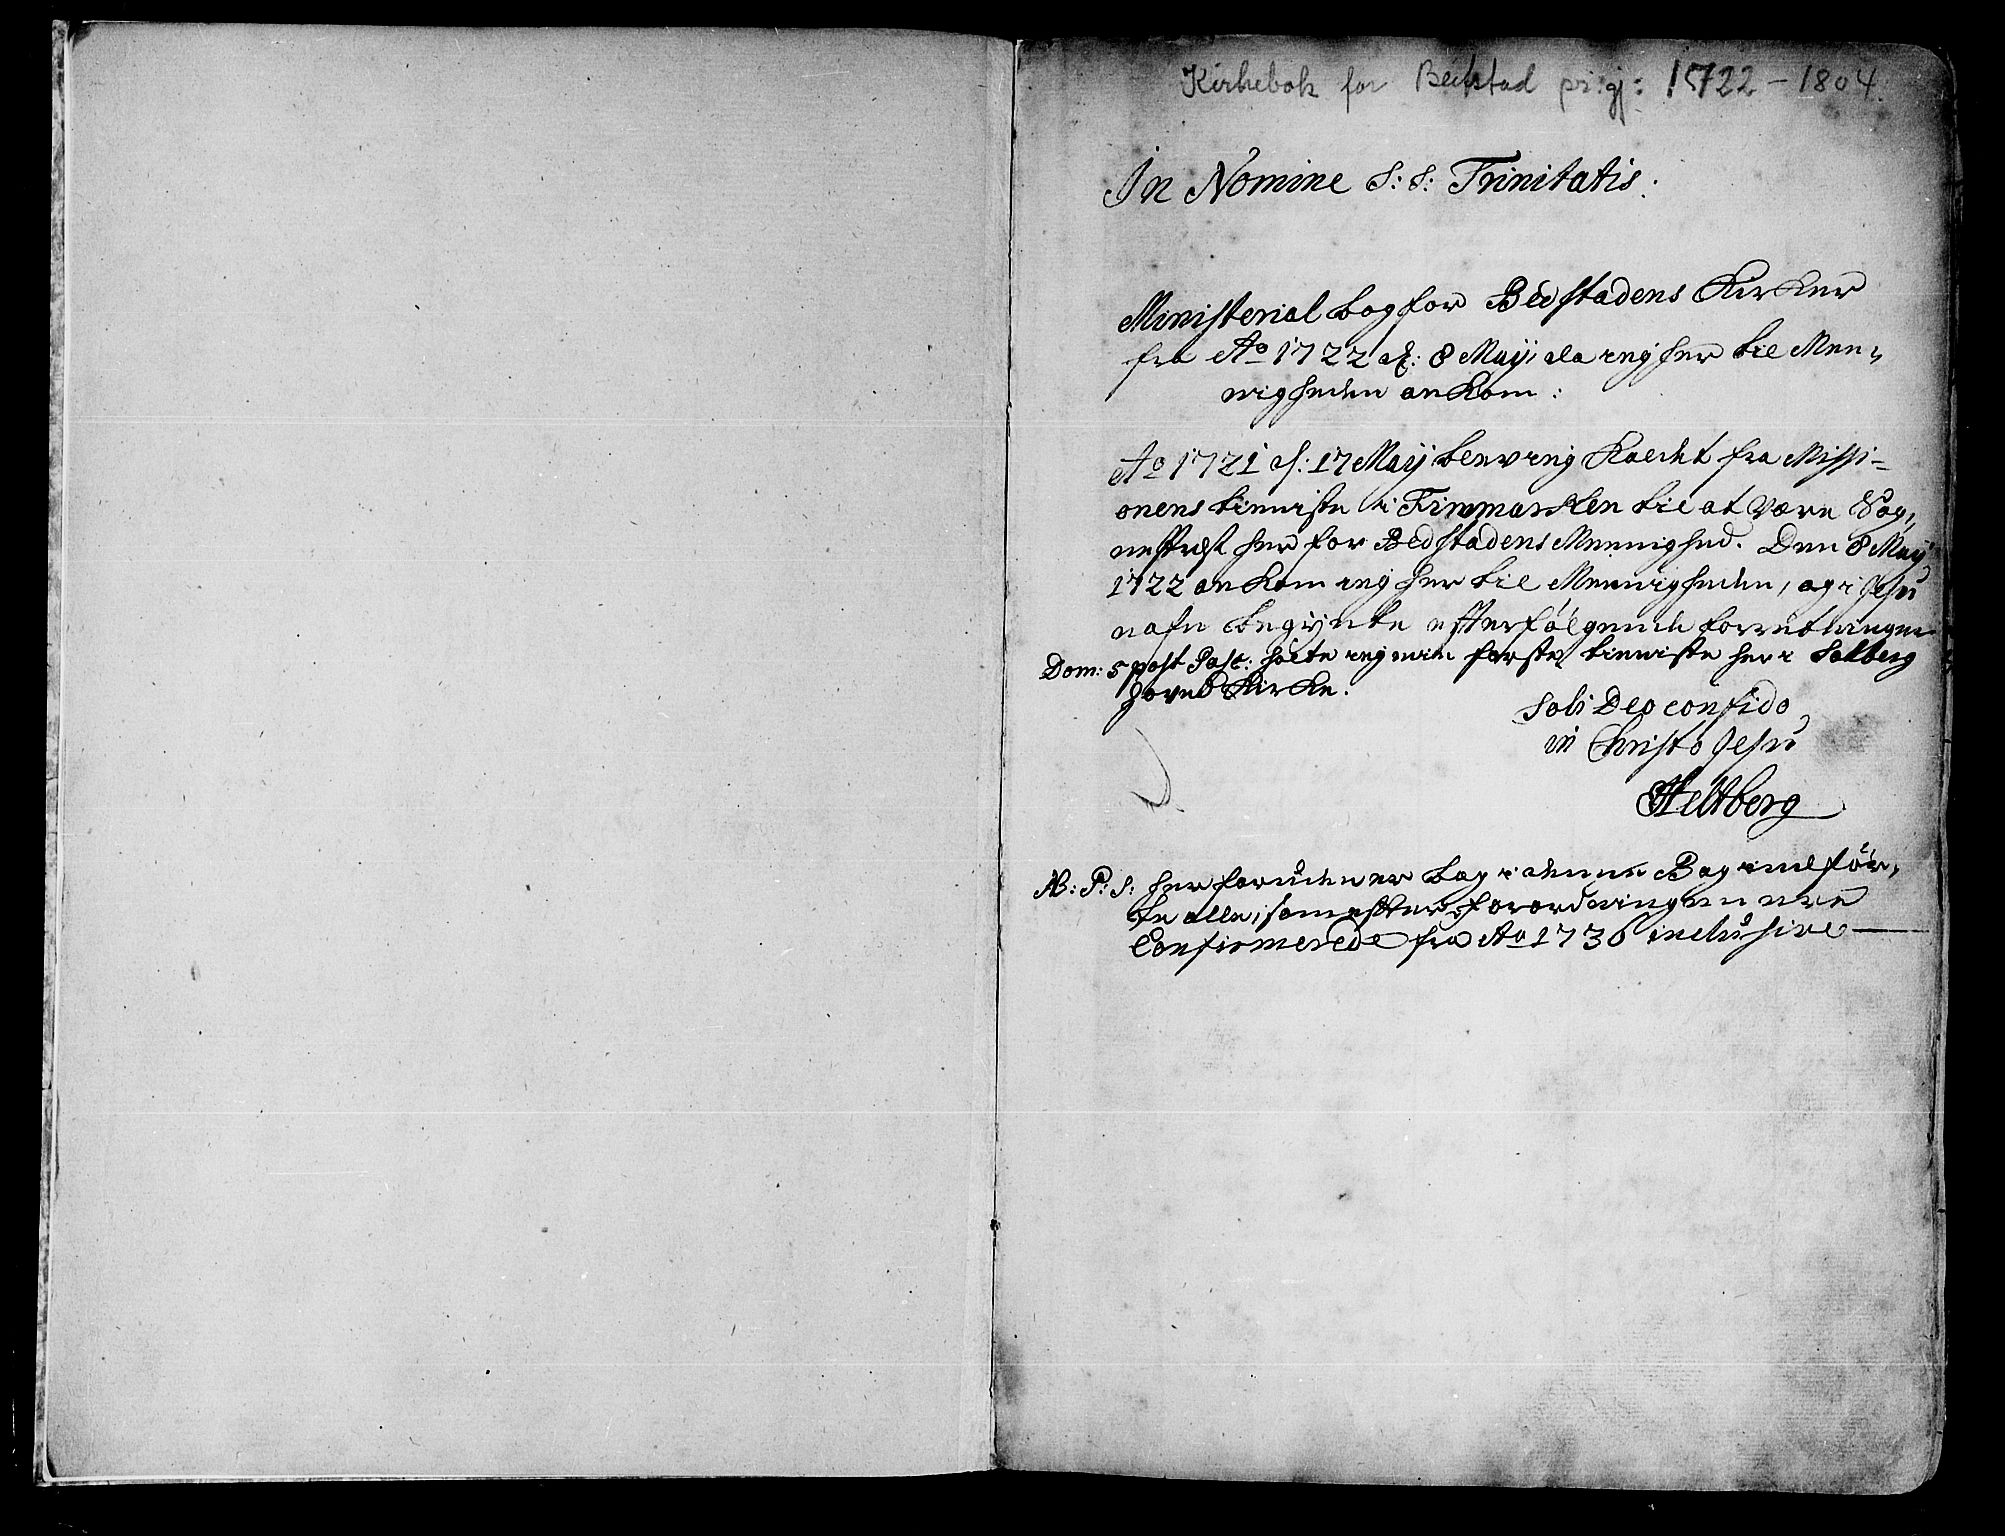 SAT, Ministerialprotokoller, klokkerbøker og fødselsregistre - Nord-Trøndelag, 741/L0385: Ministerialbok nr. 741A01, 1722-1815